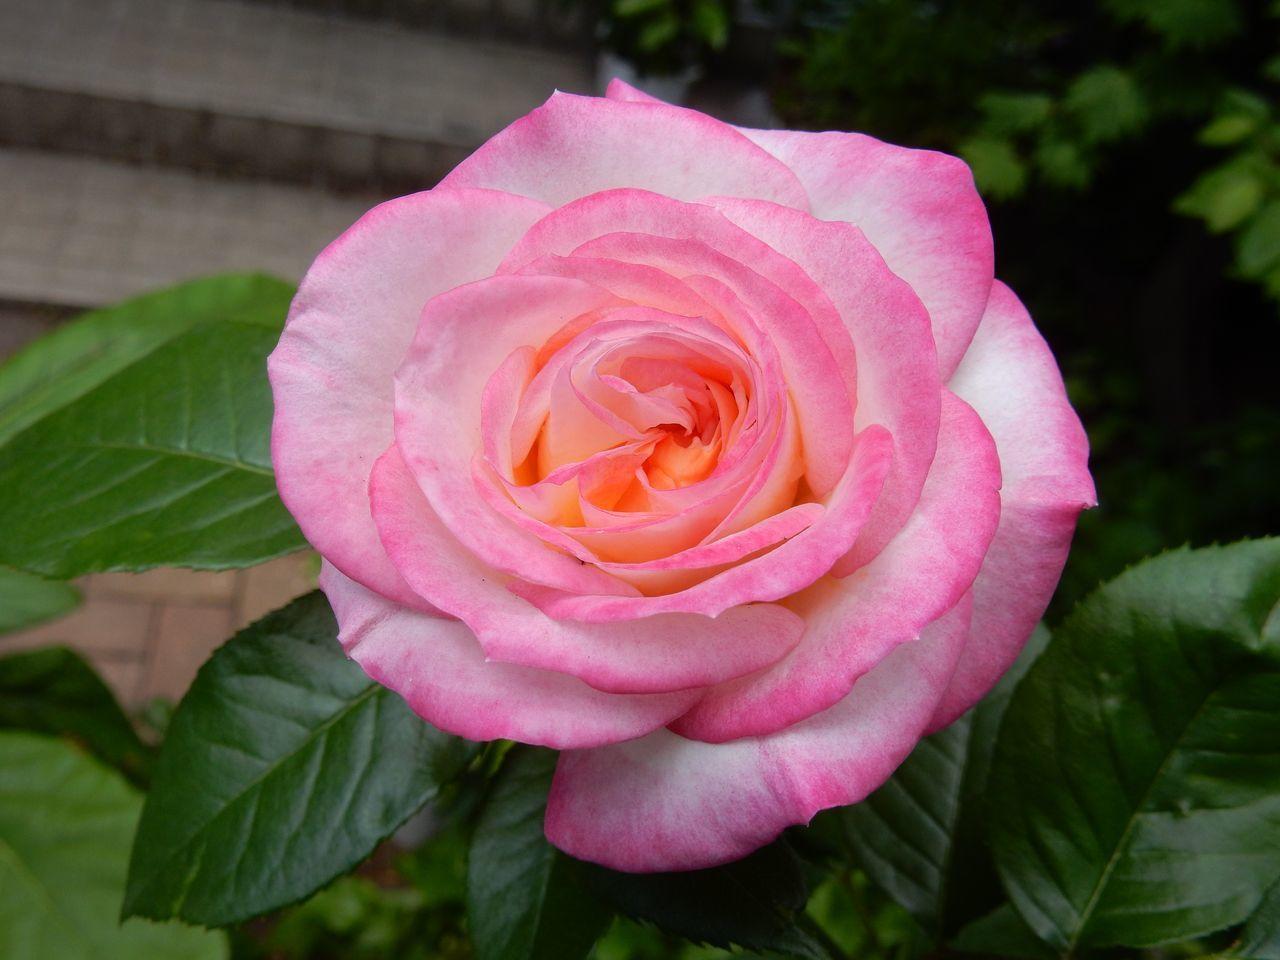 花落ちてナツツバキの季節が始まったことを知る_c0025115_22094608.jpg